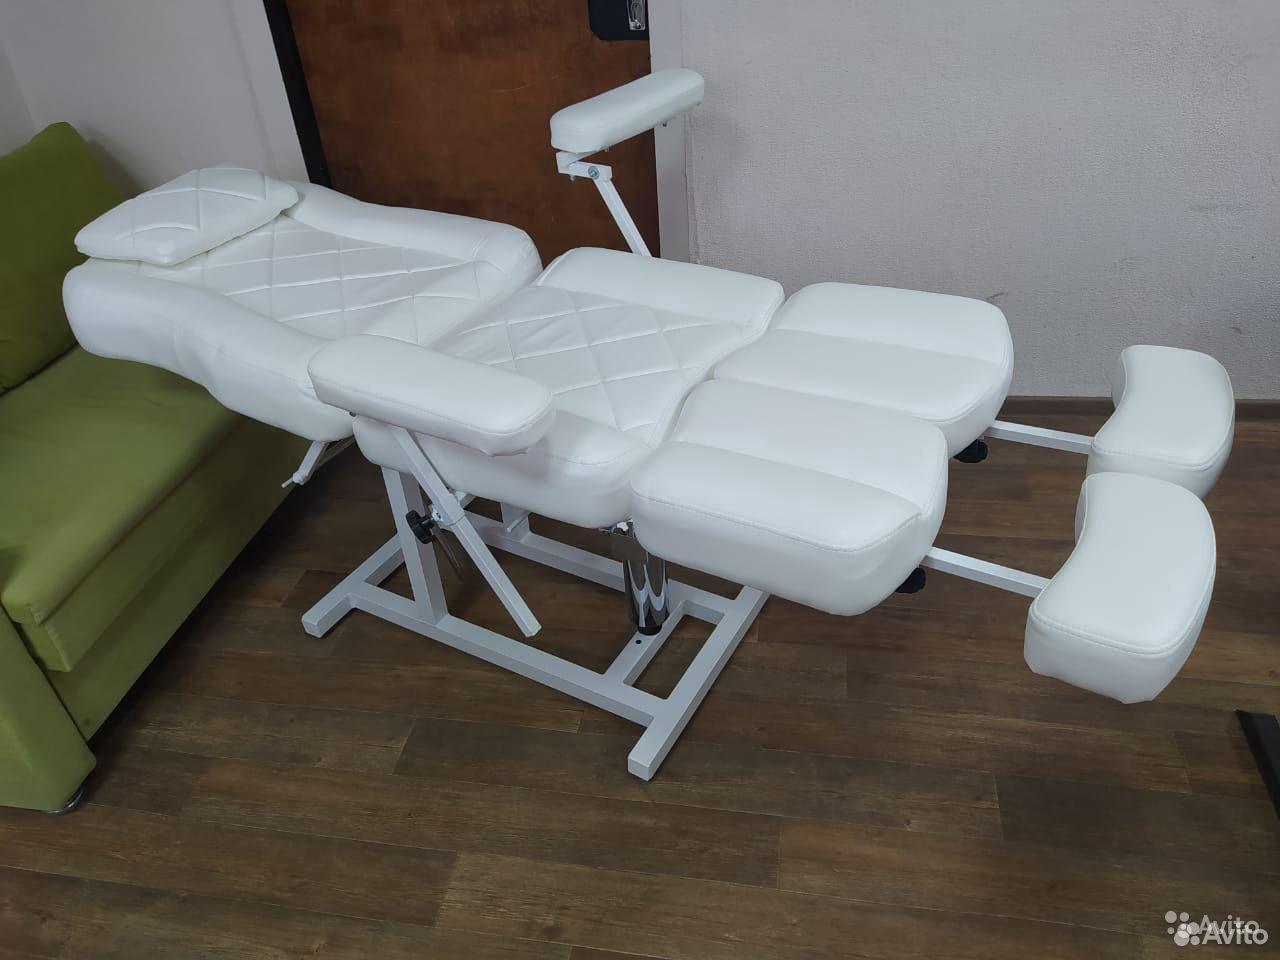 Педикюрное кресло на гидравлике  89068767681 купить 2